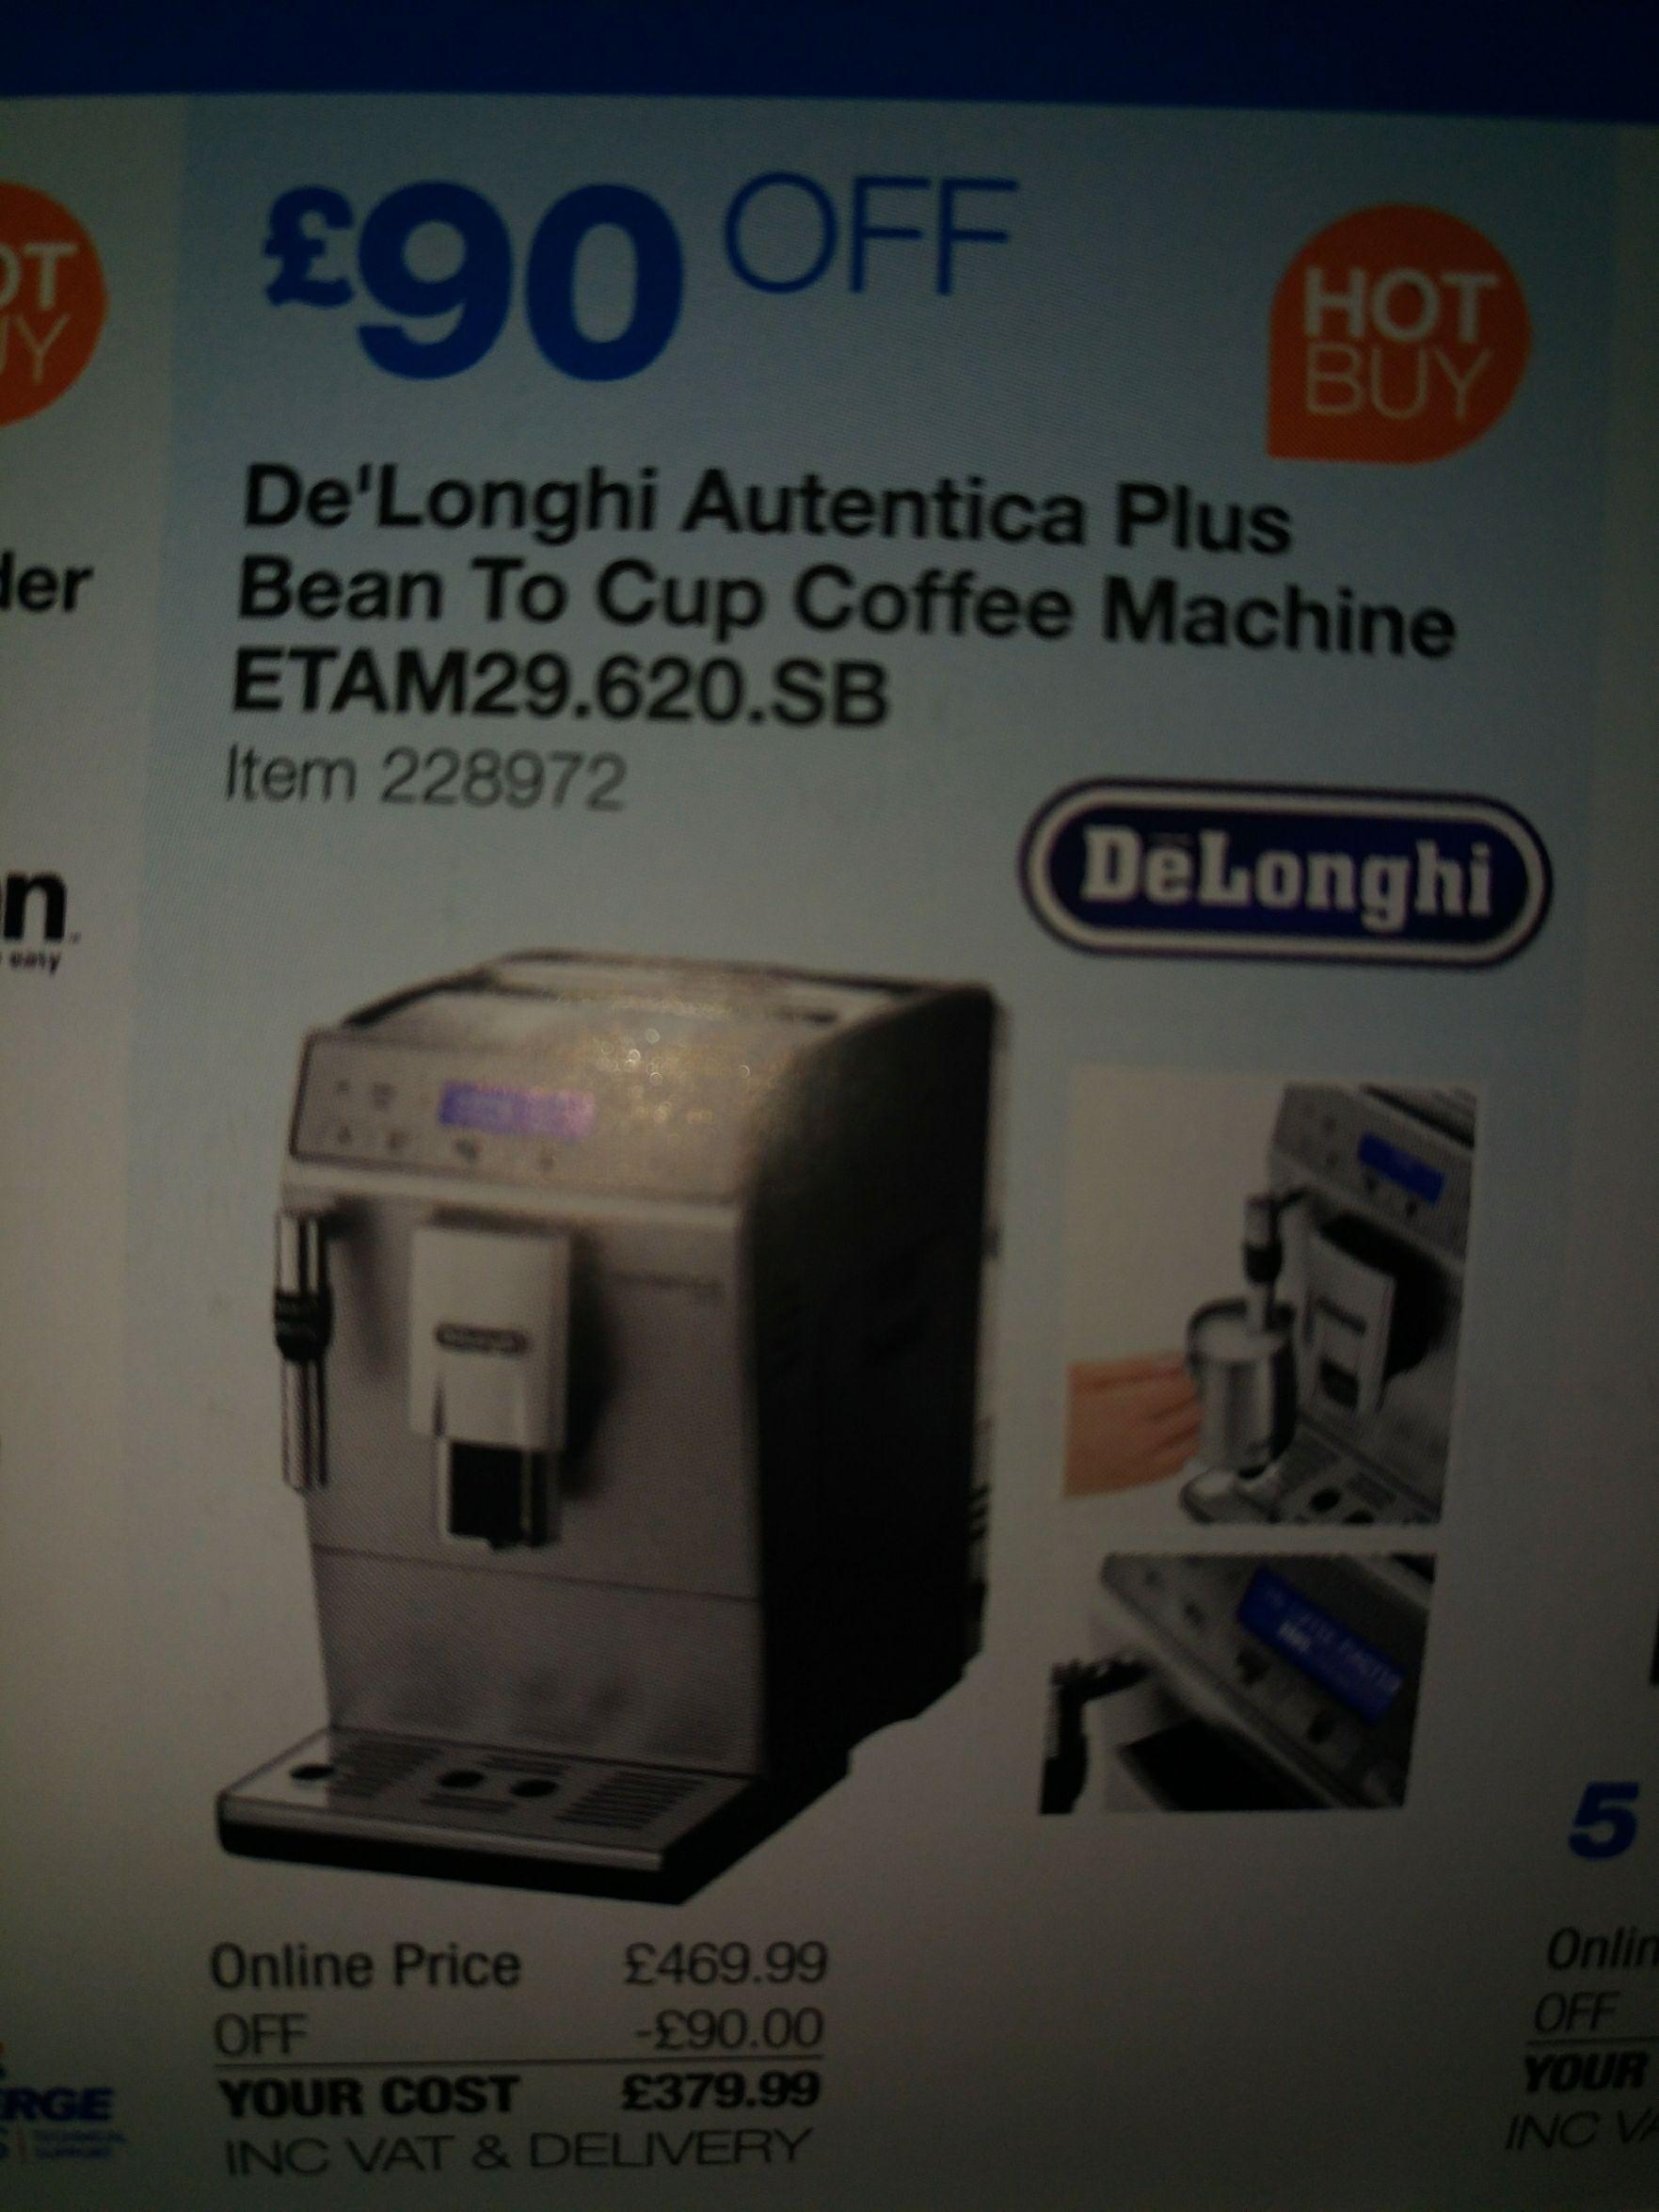 Delonghi Autentica Plus Bean ETAM29.620.SB £379.99 @ Costco